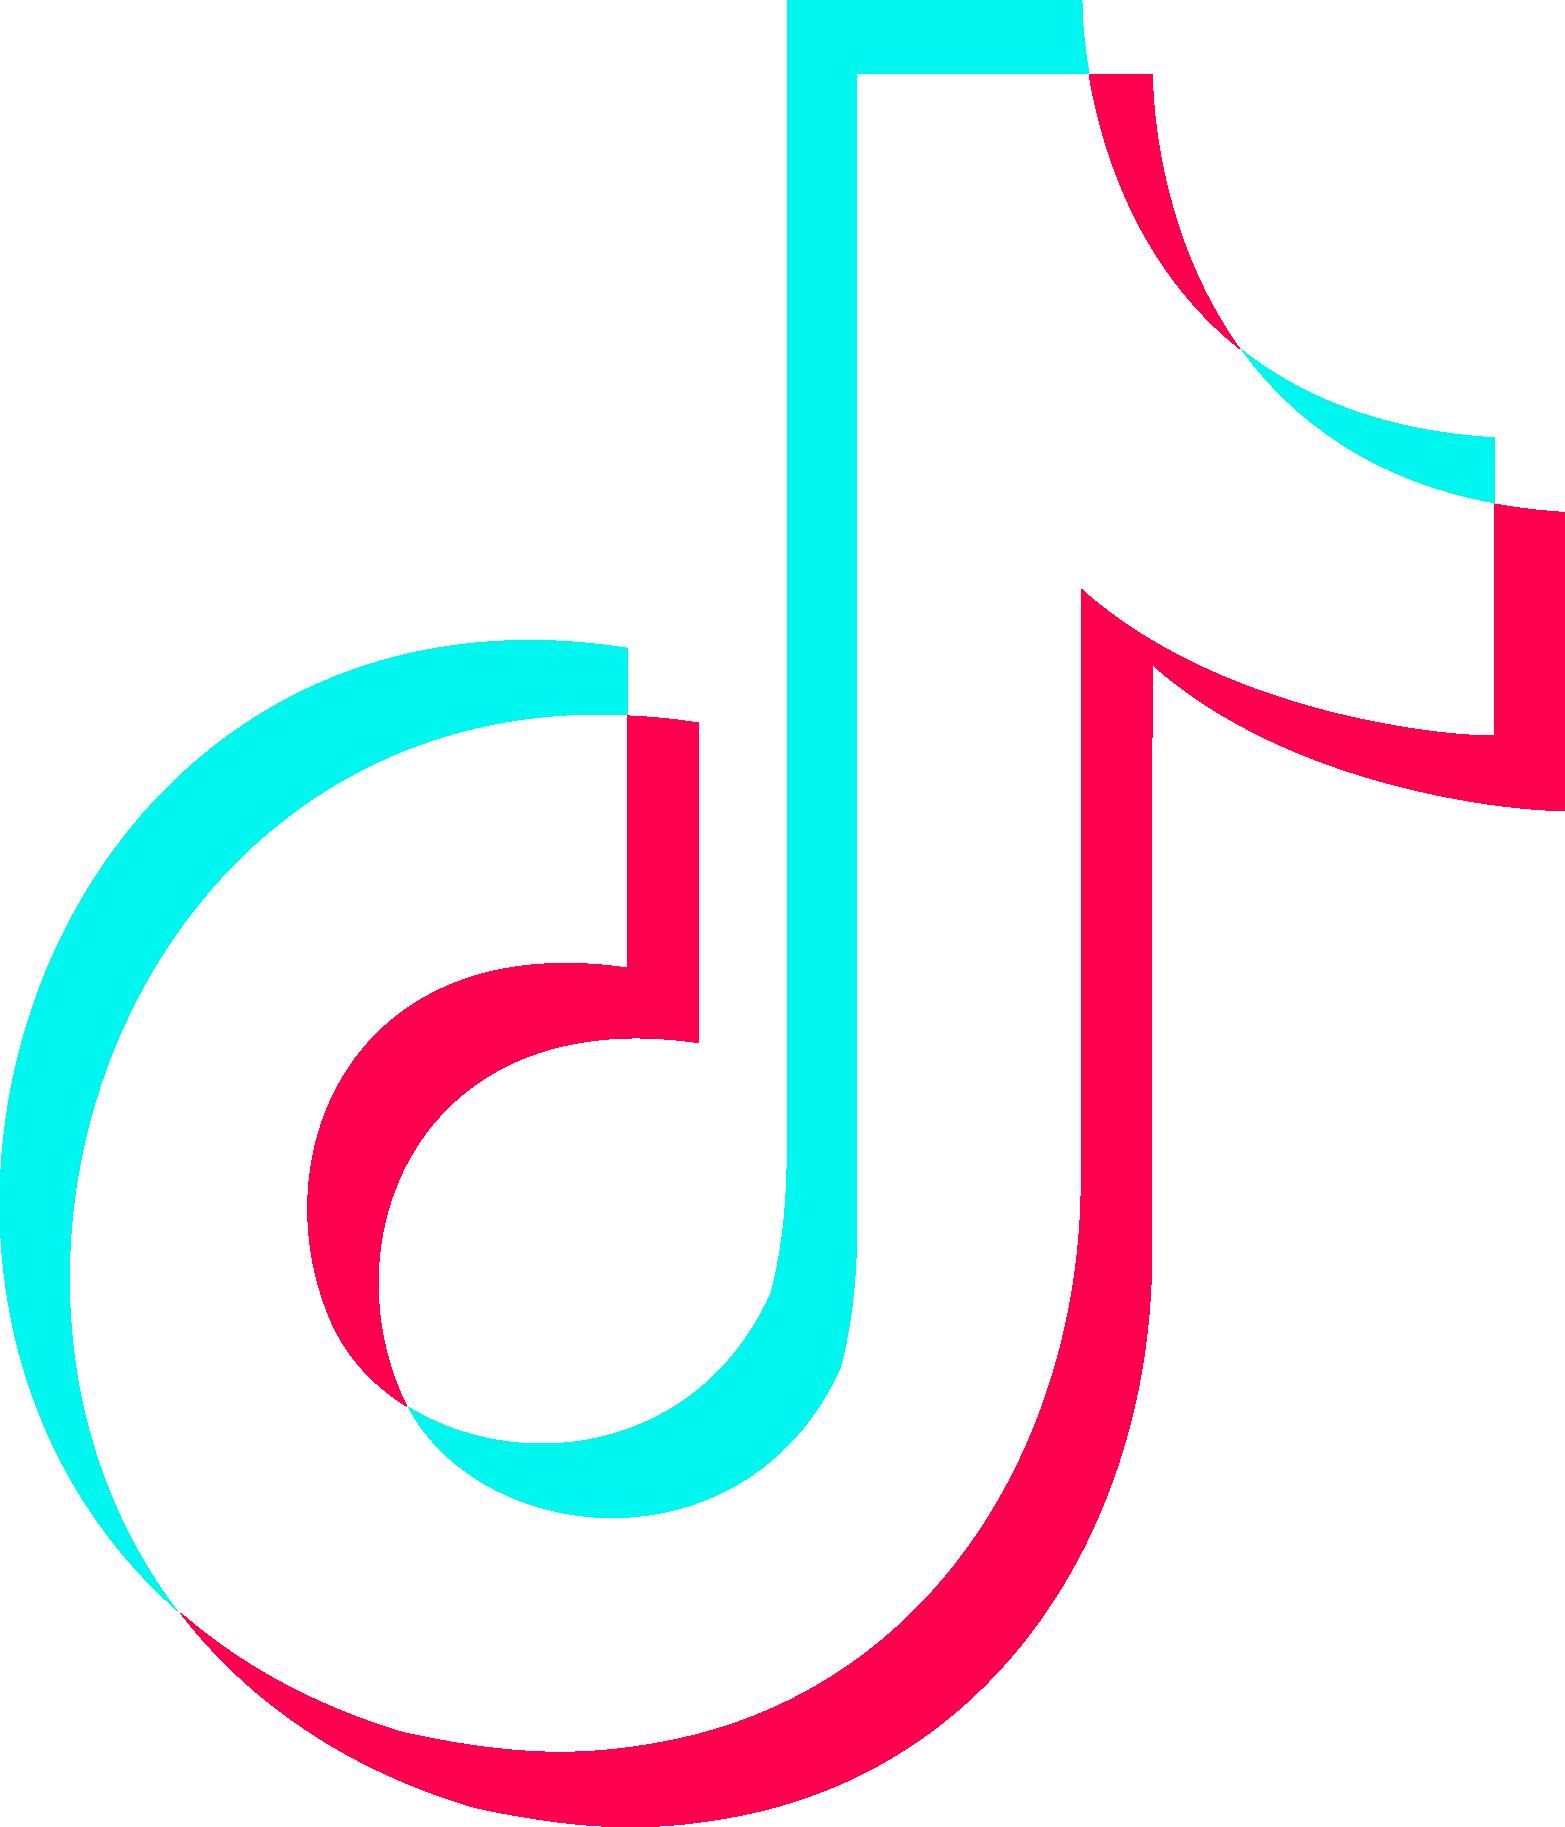 Tik Tok Logo (Musical.ly) image | Tok, Cute emoji ...